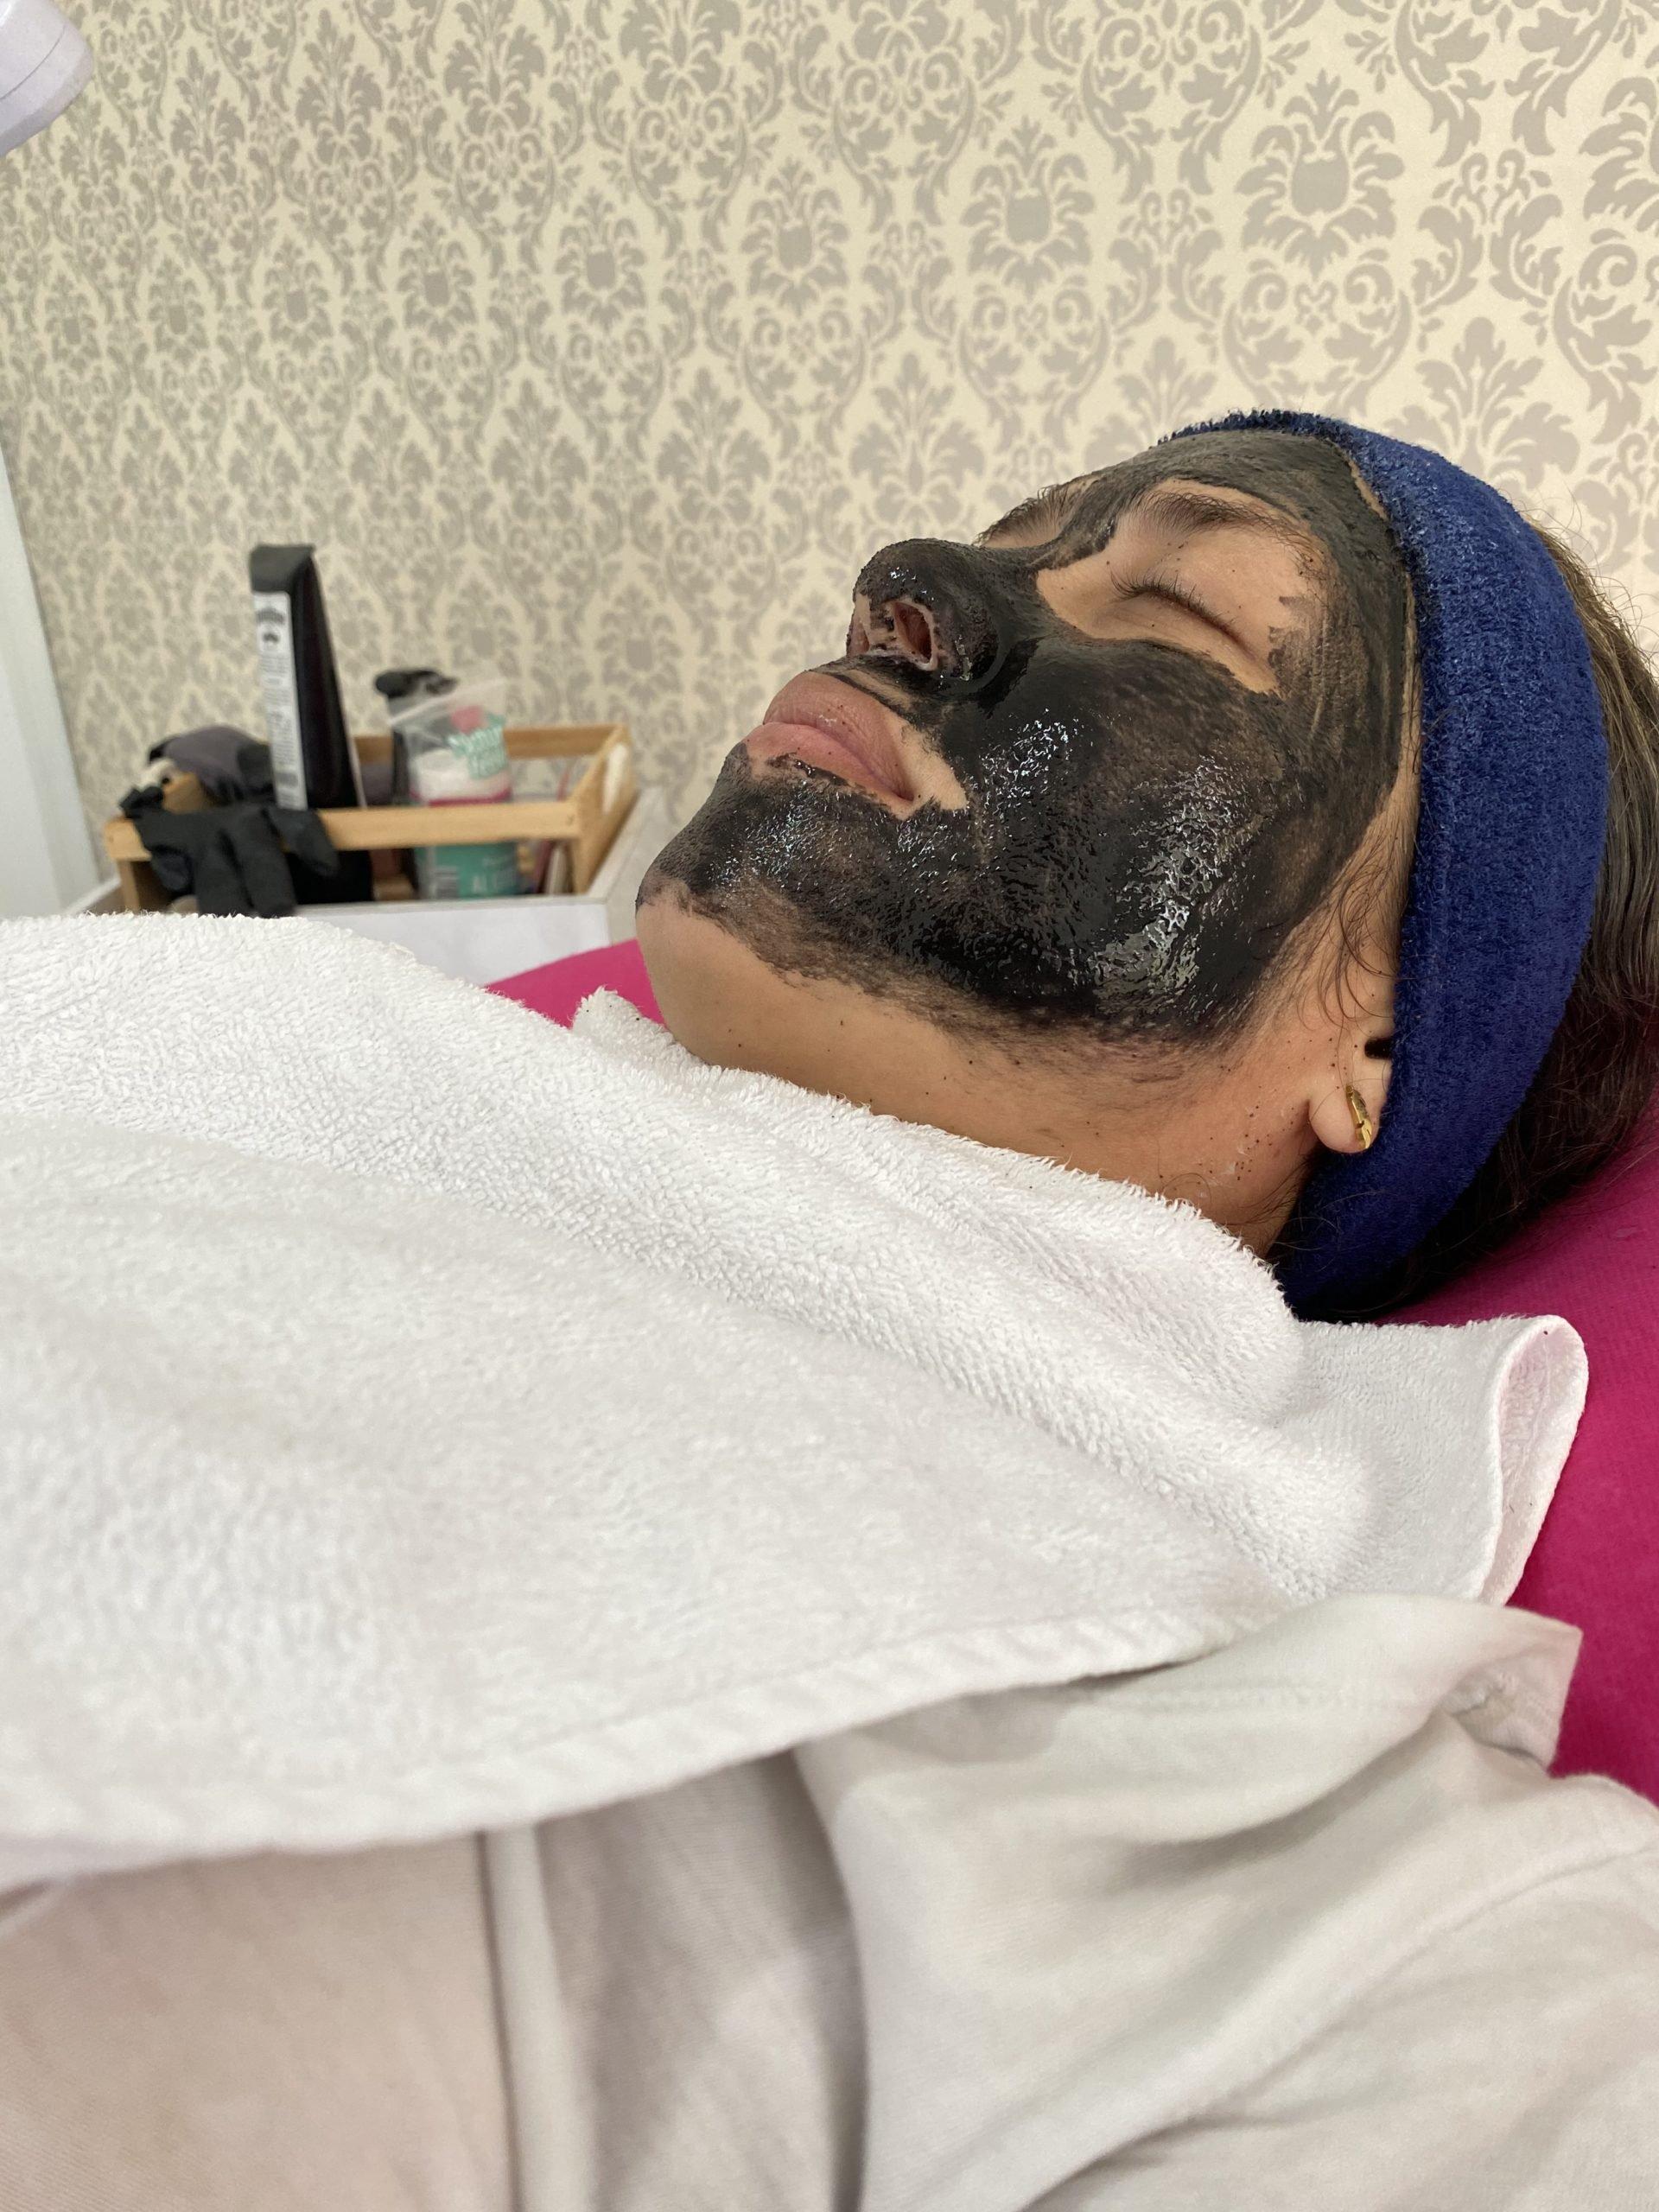 El cuidado de la piel en casa, durante la cuarentena